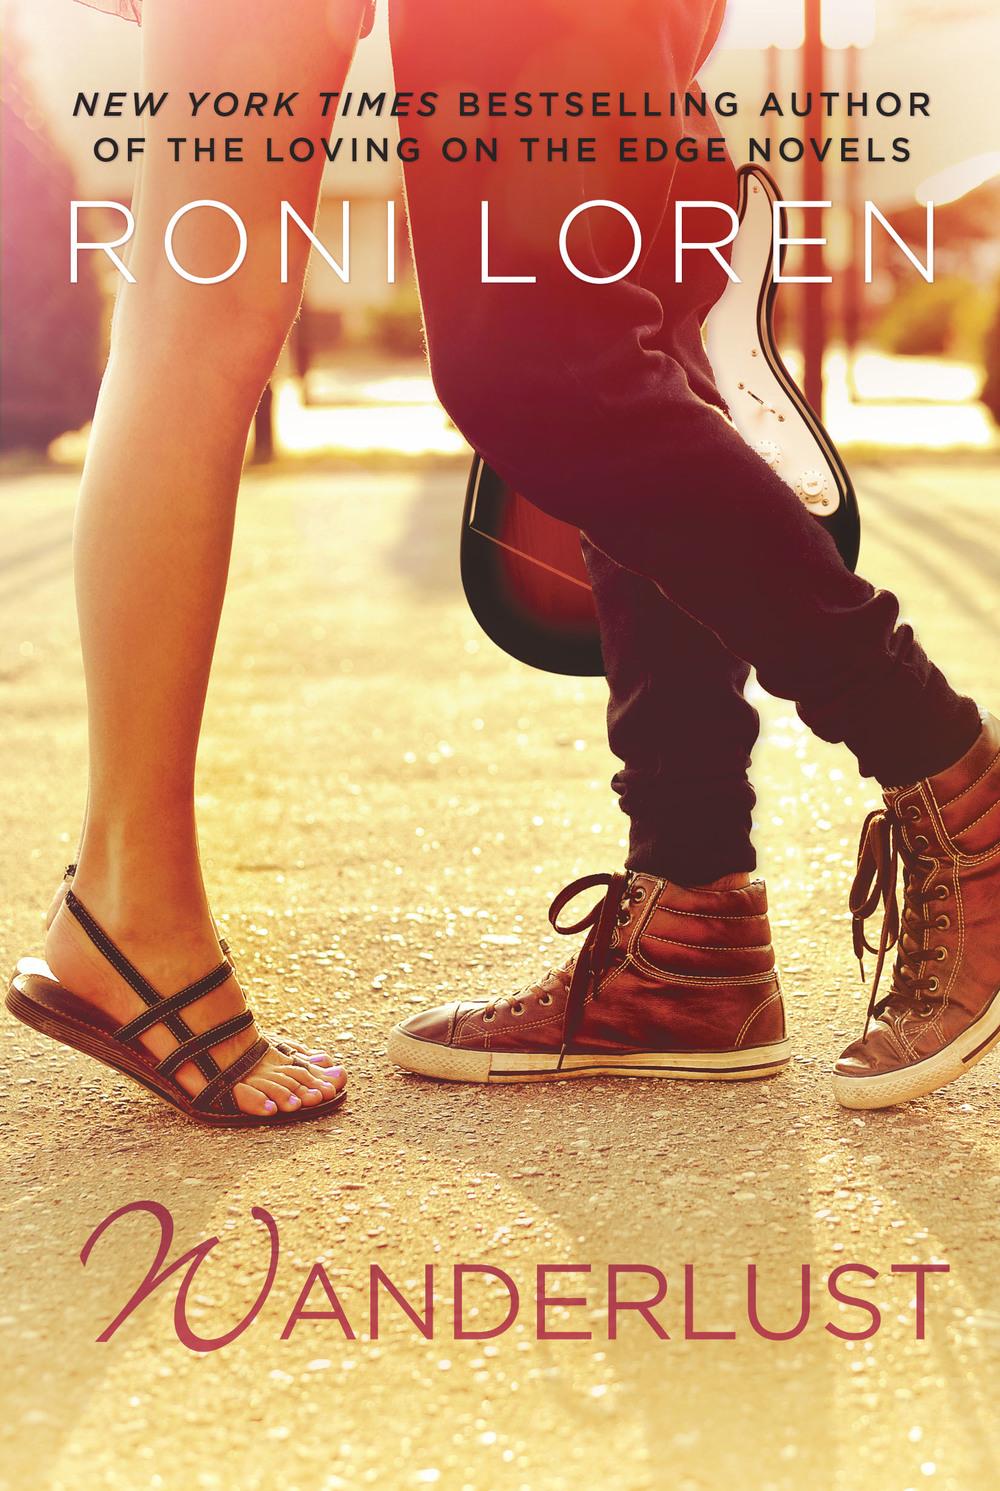 Wanderlust by Roni Loren